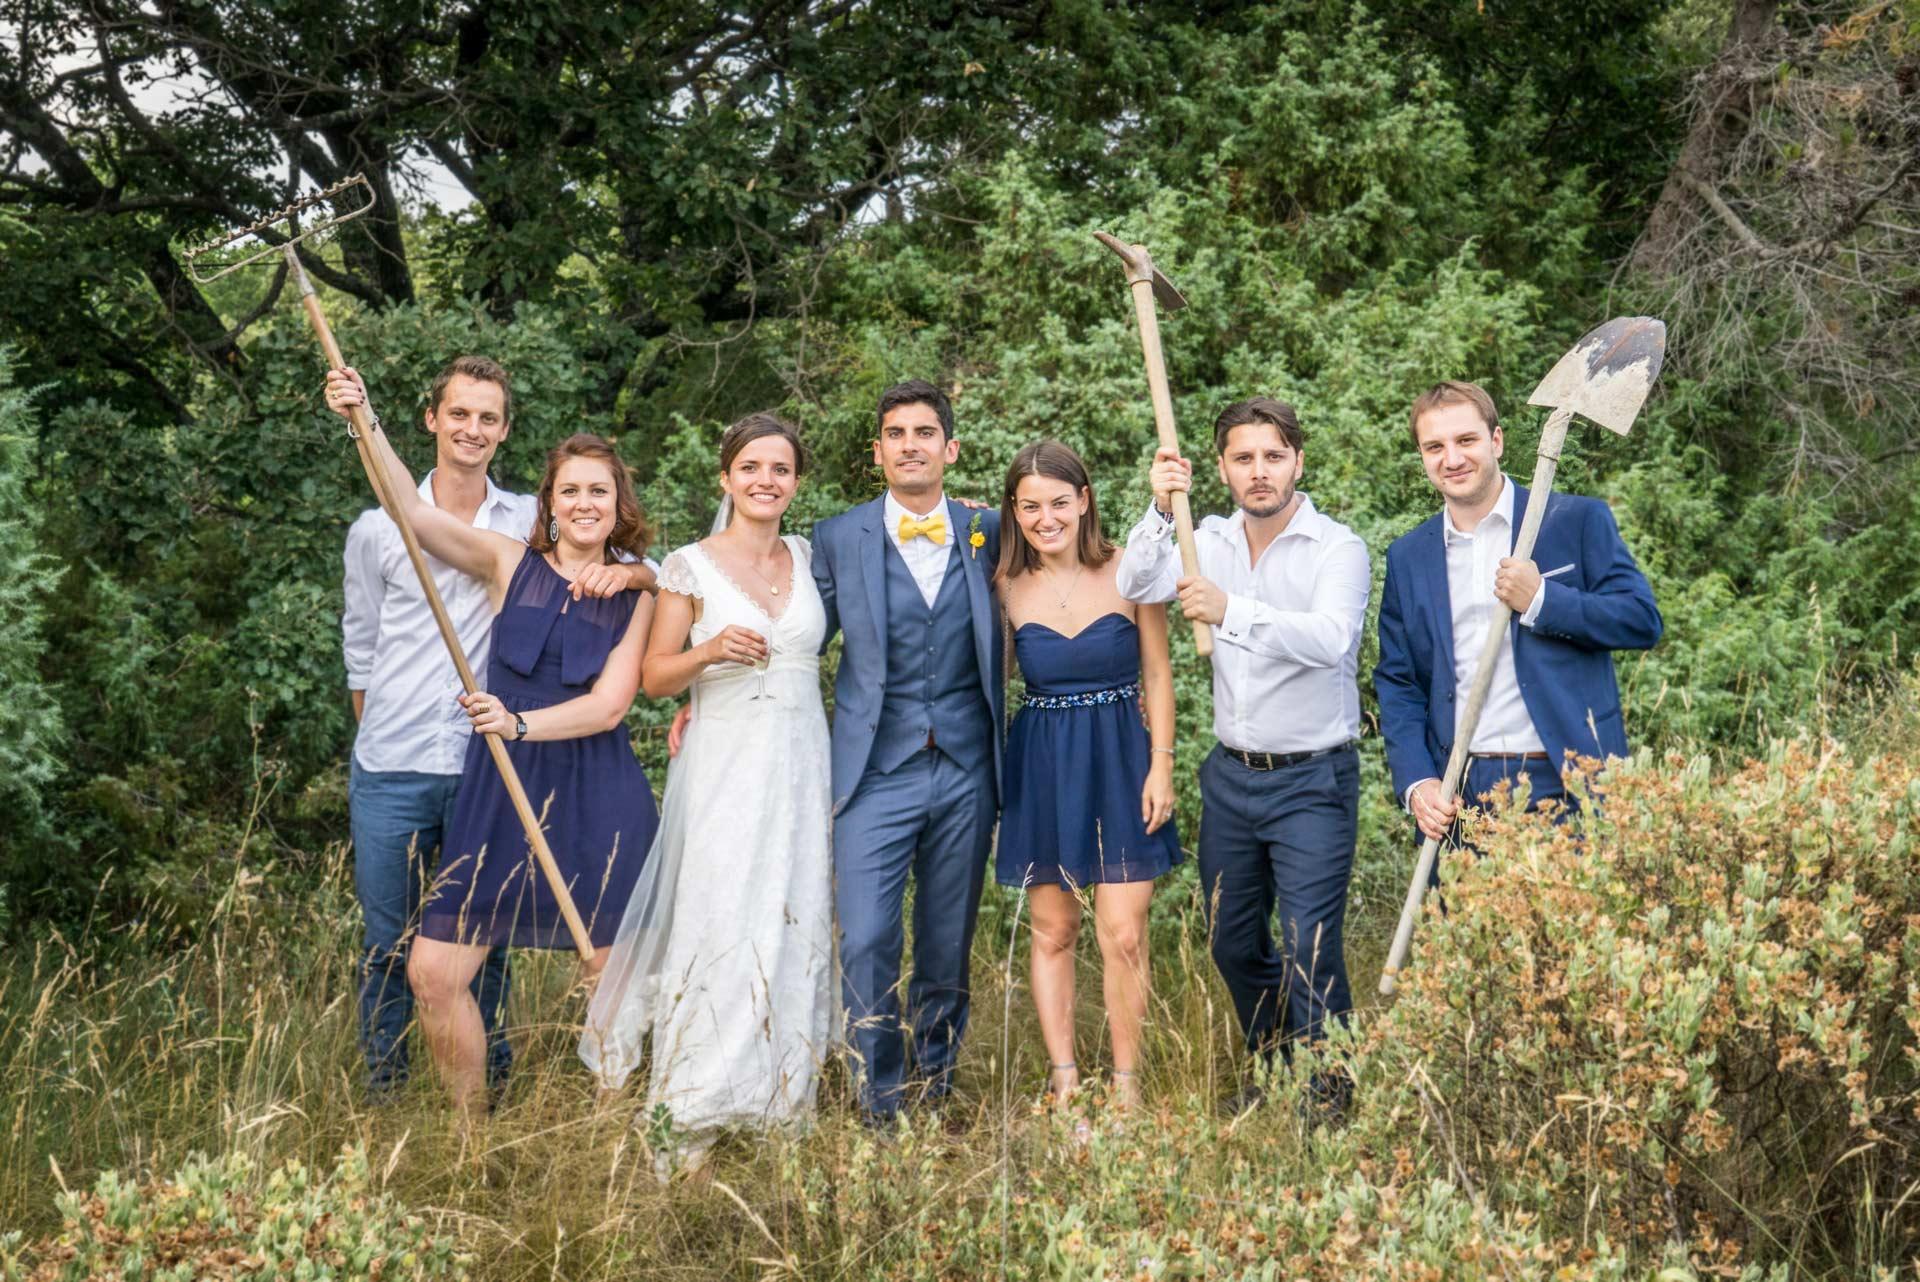 Mariage à Uzes. Les mariés posent avec leurs amis dans un champ. Ils brandissent des outils de travailleurs.